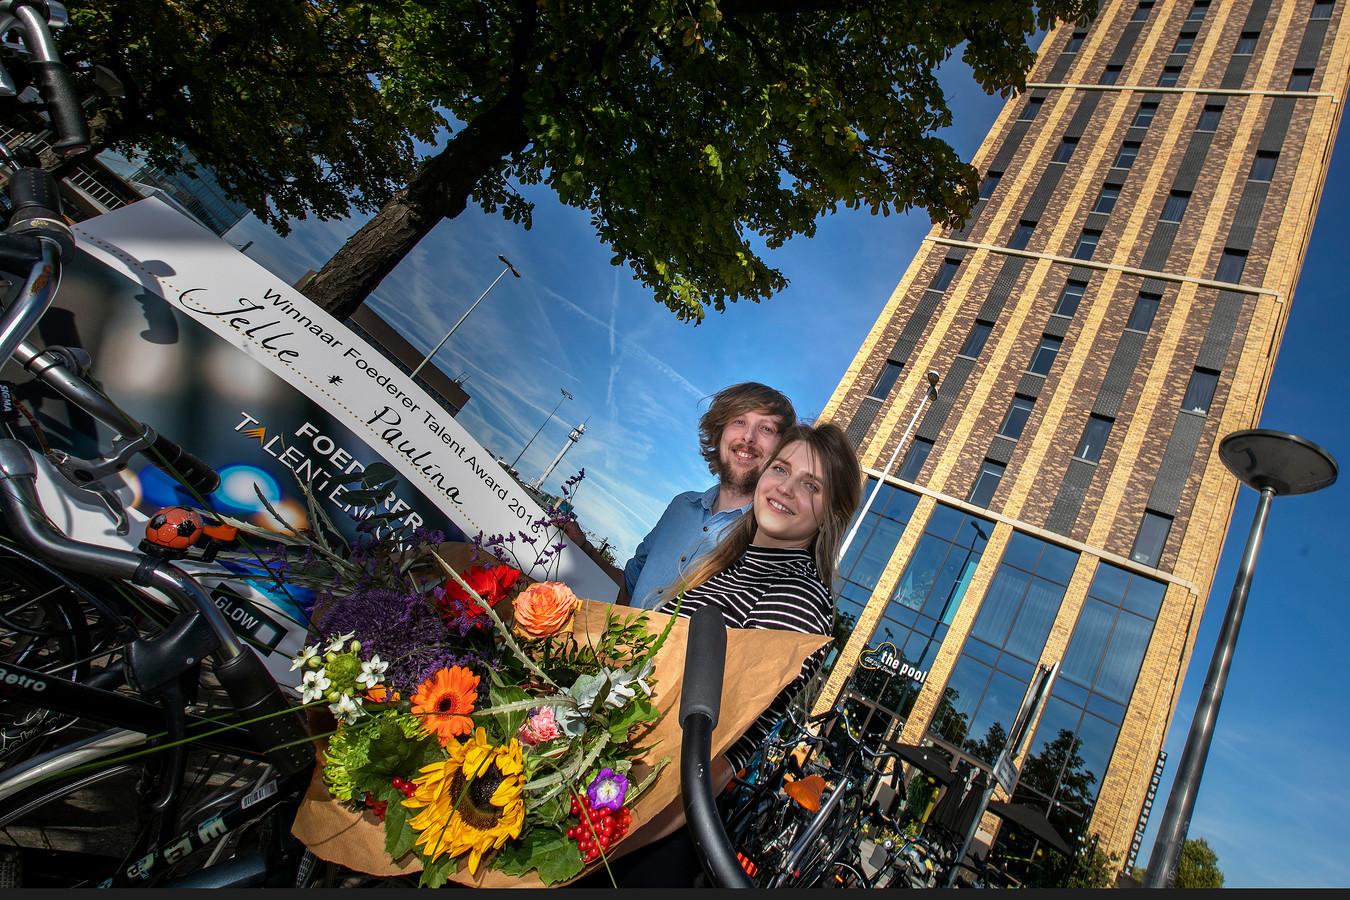 Jelle van Meerendonk en Paulina Zybinska zijn winnaar van de Foederer Talent Award.